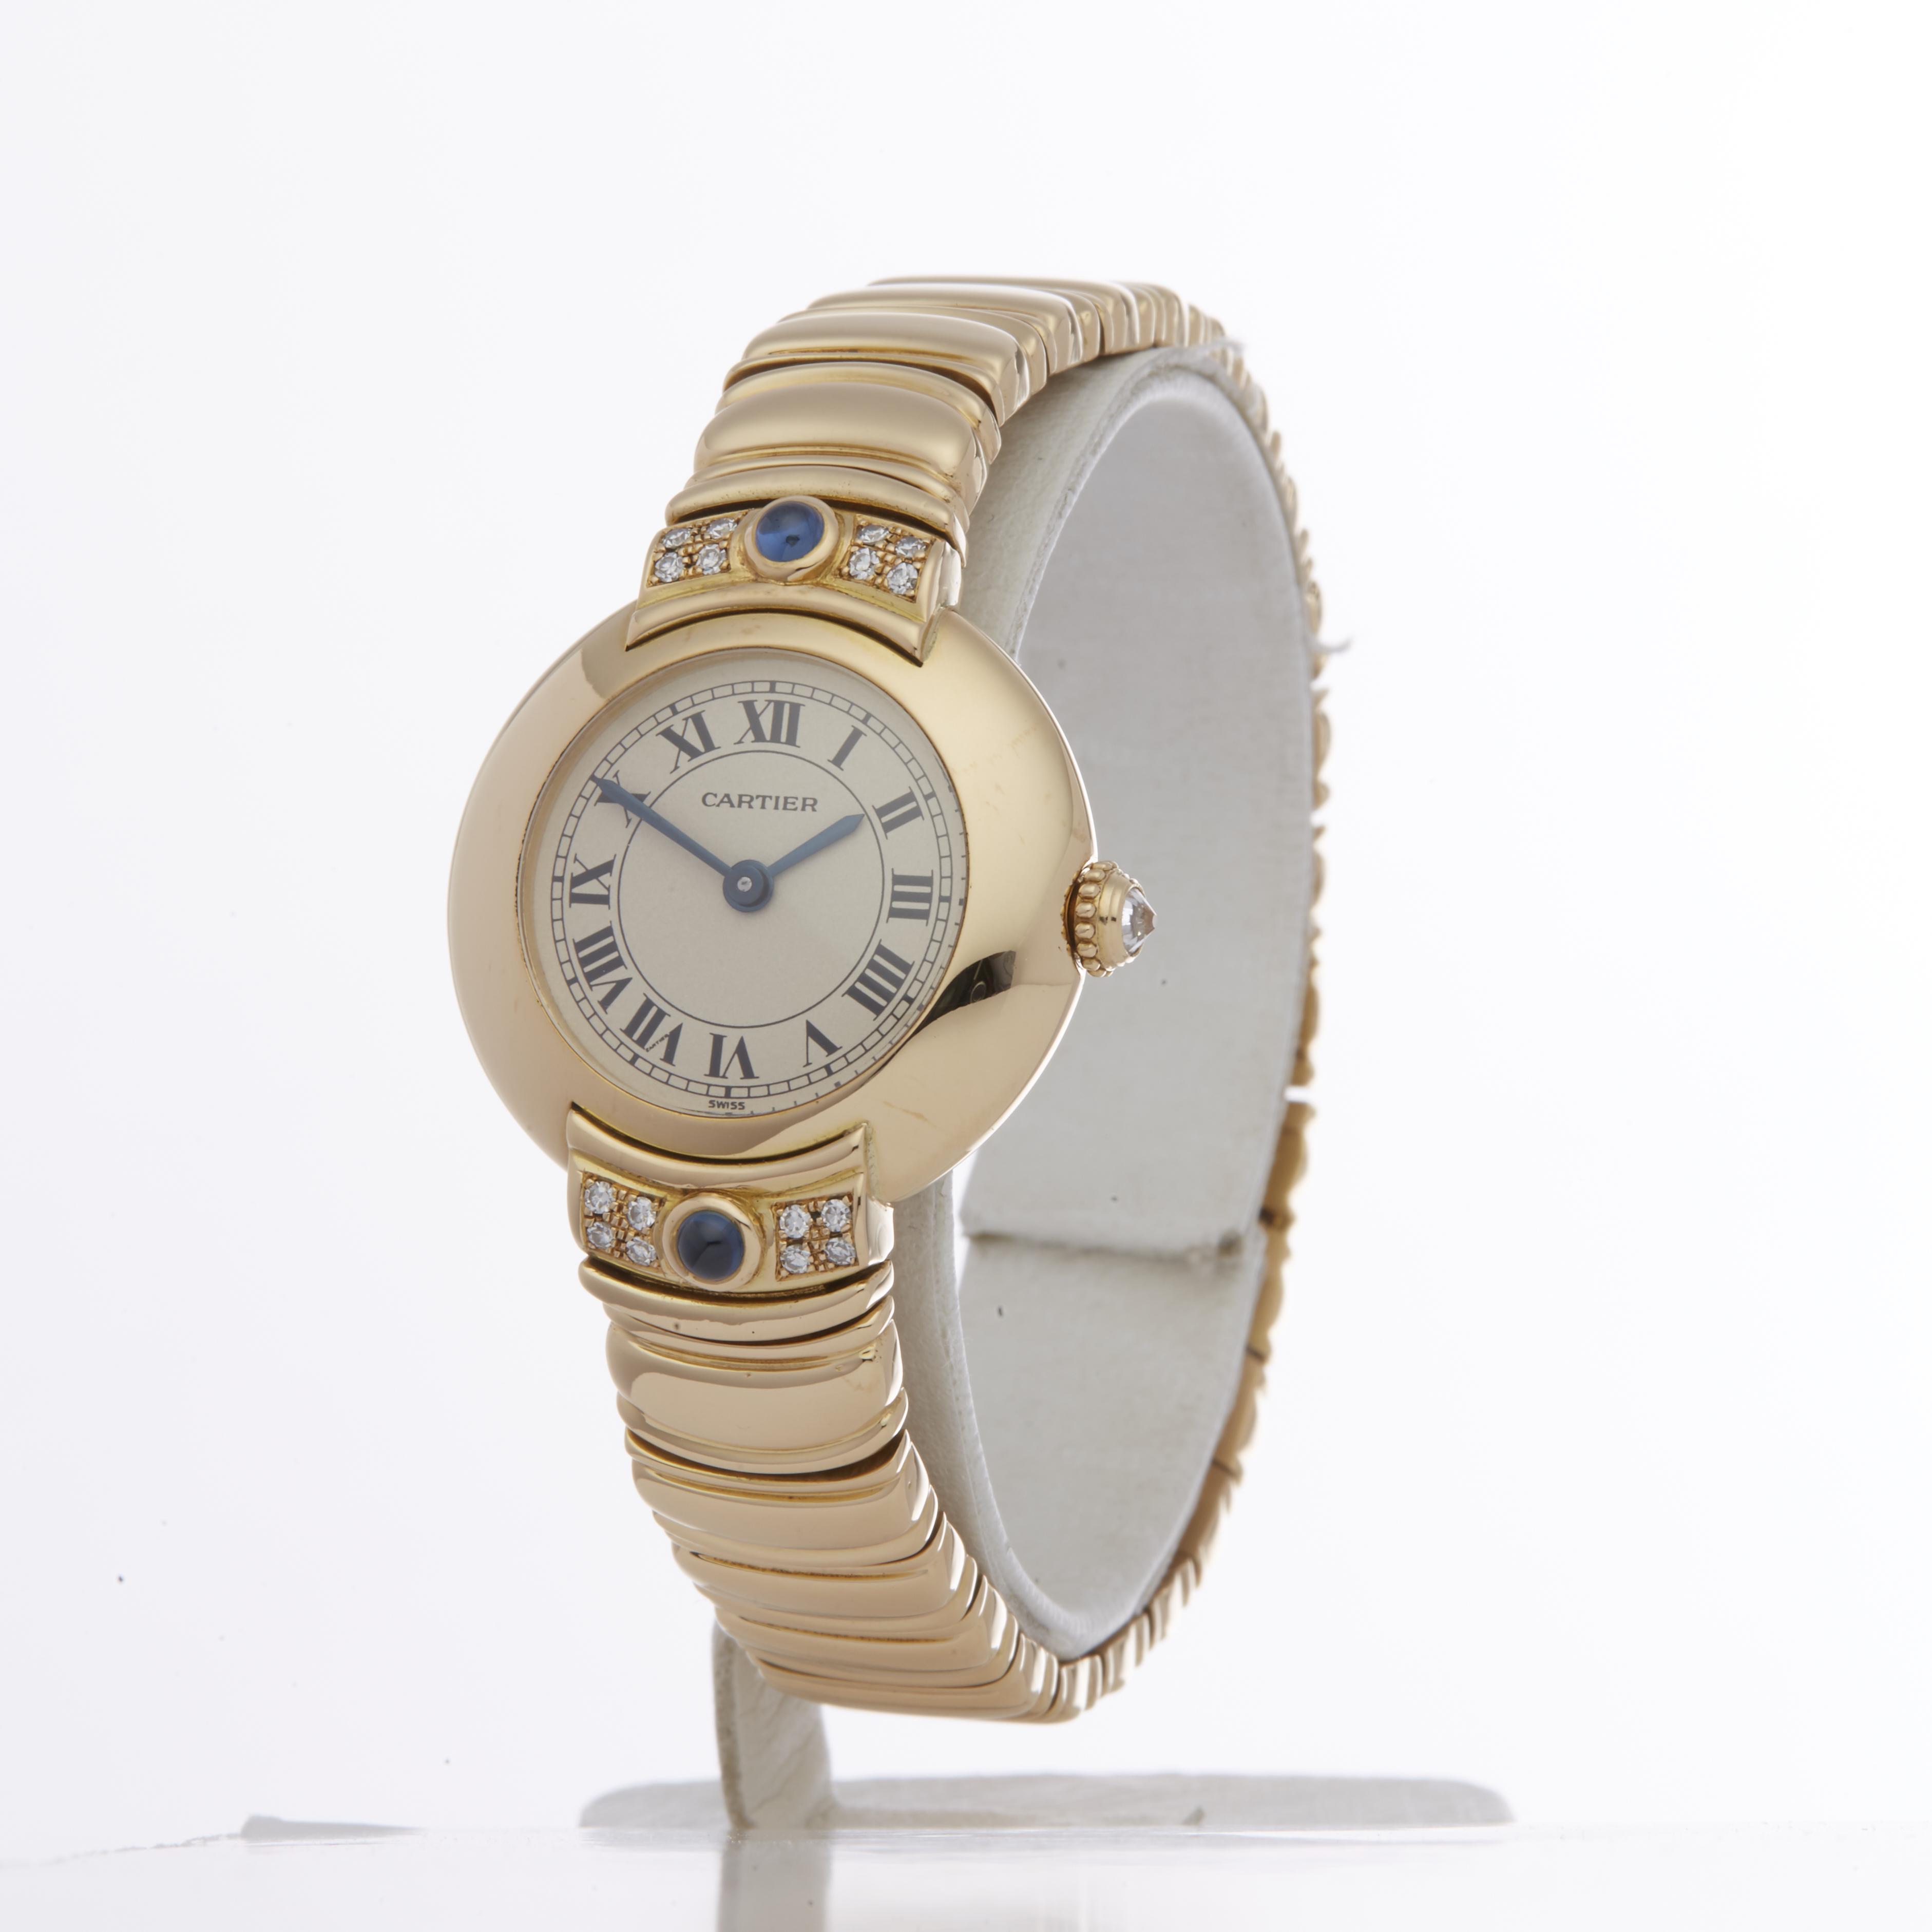 Cartier Vendome 878999 Ladies Yellow Gold Paris Mecanique Diamond Watch - Image 6 of 6